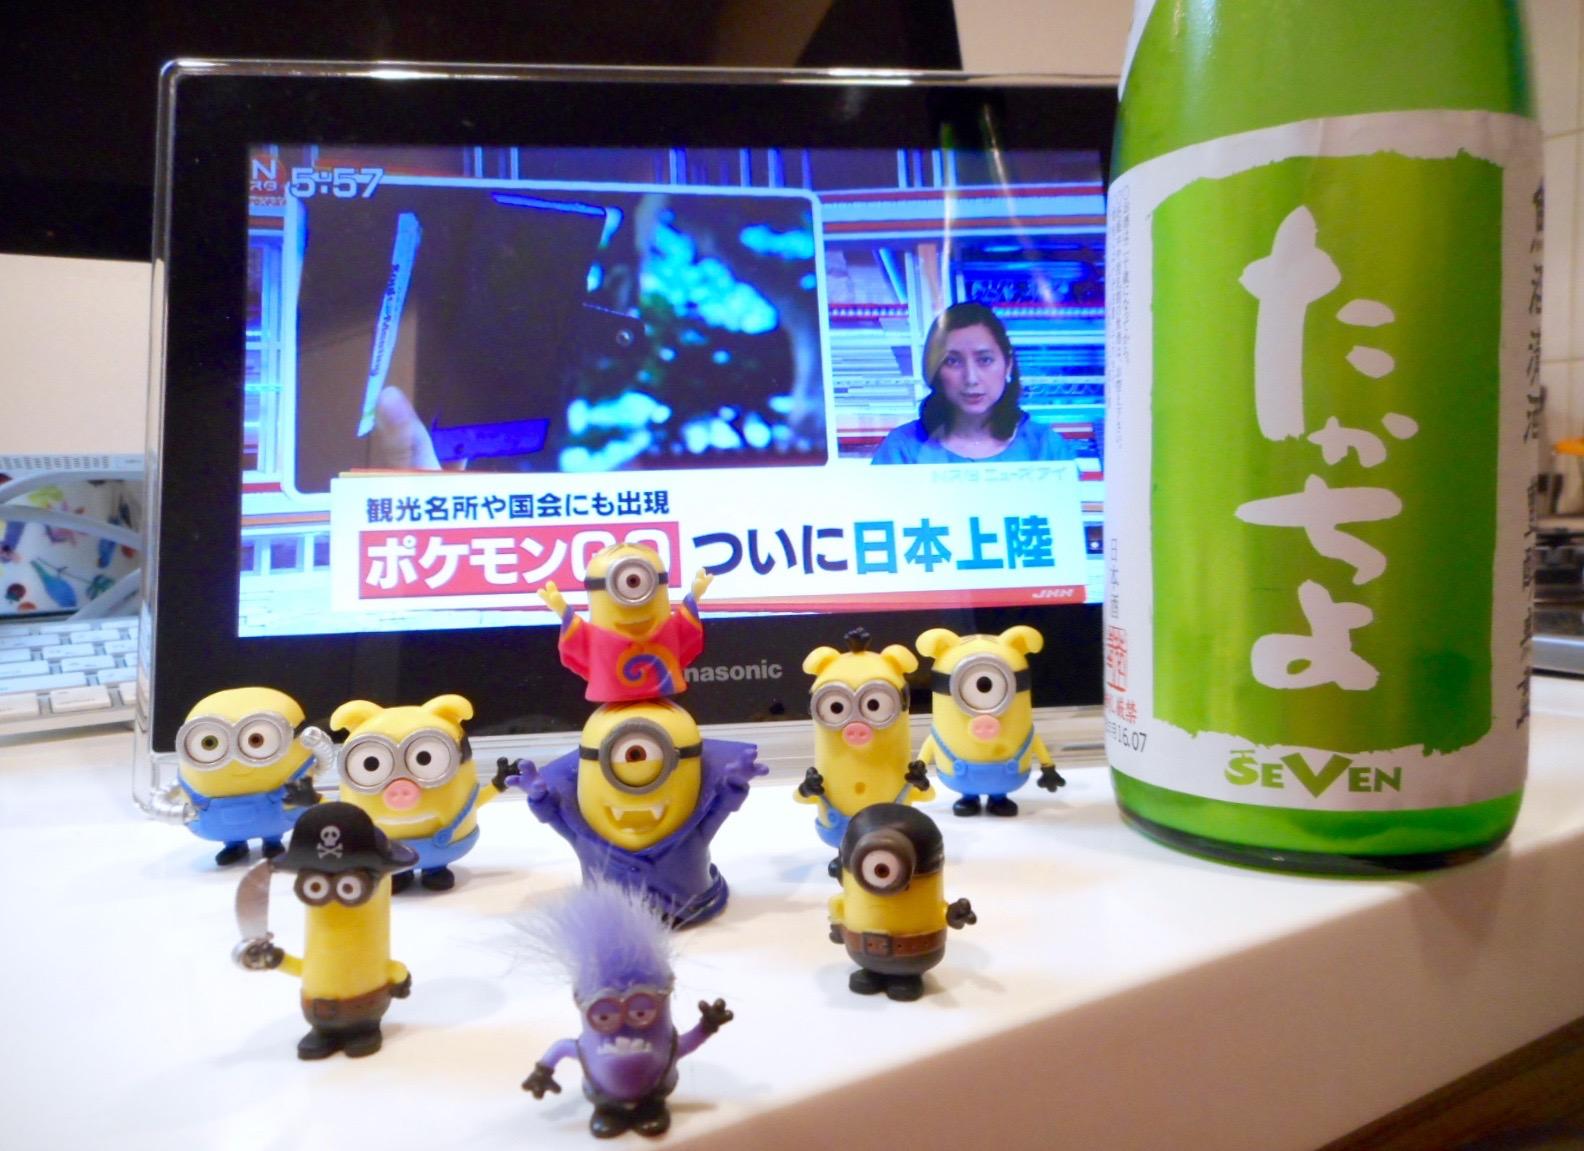 takachiyo_seven_27by1.jpg